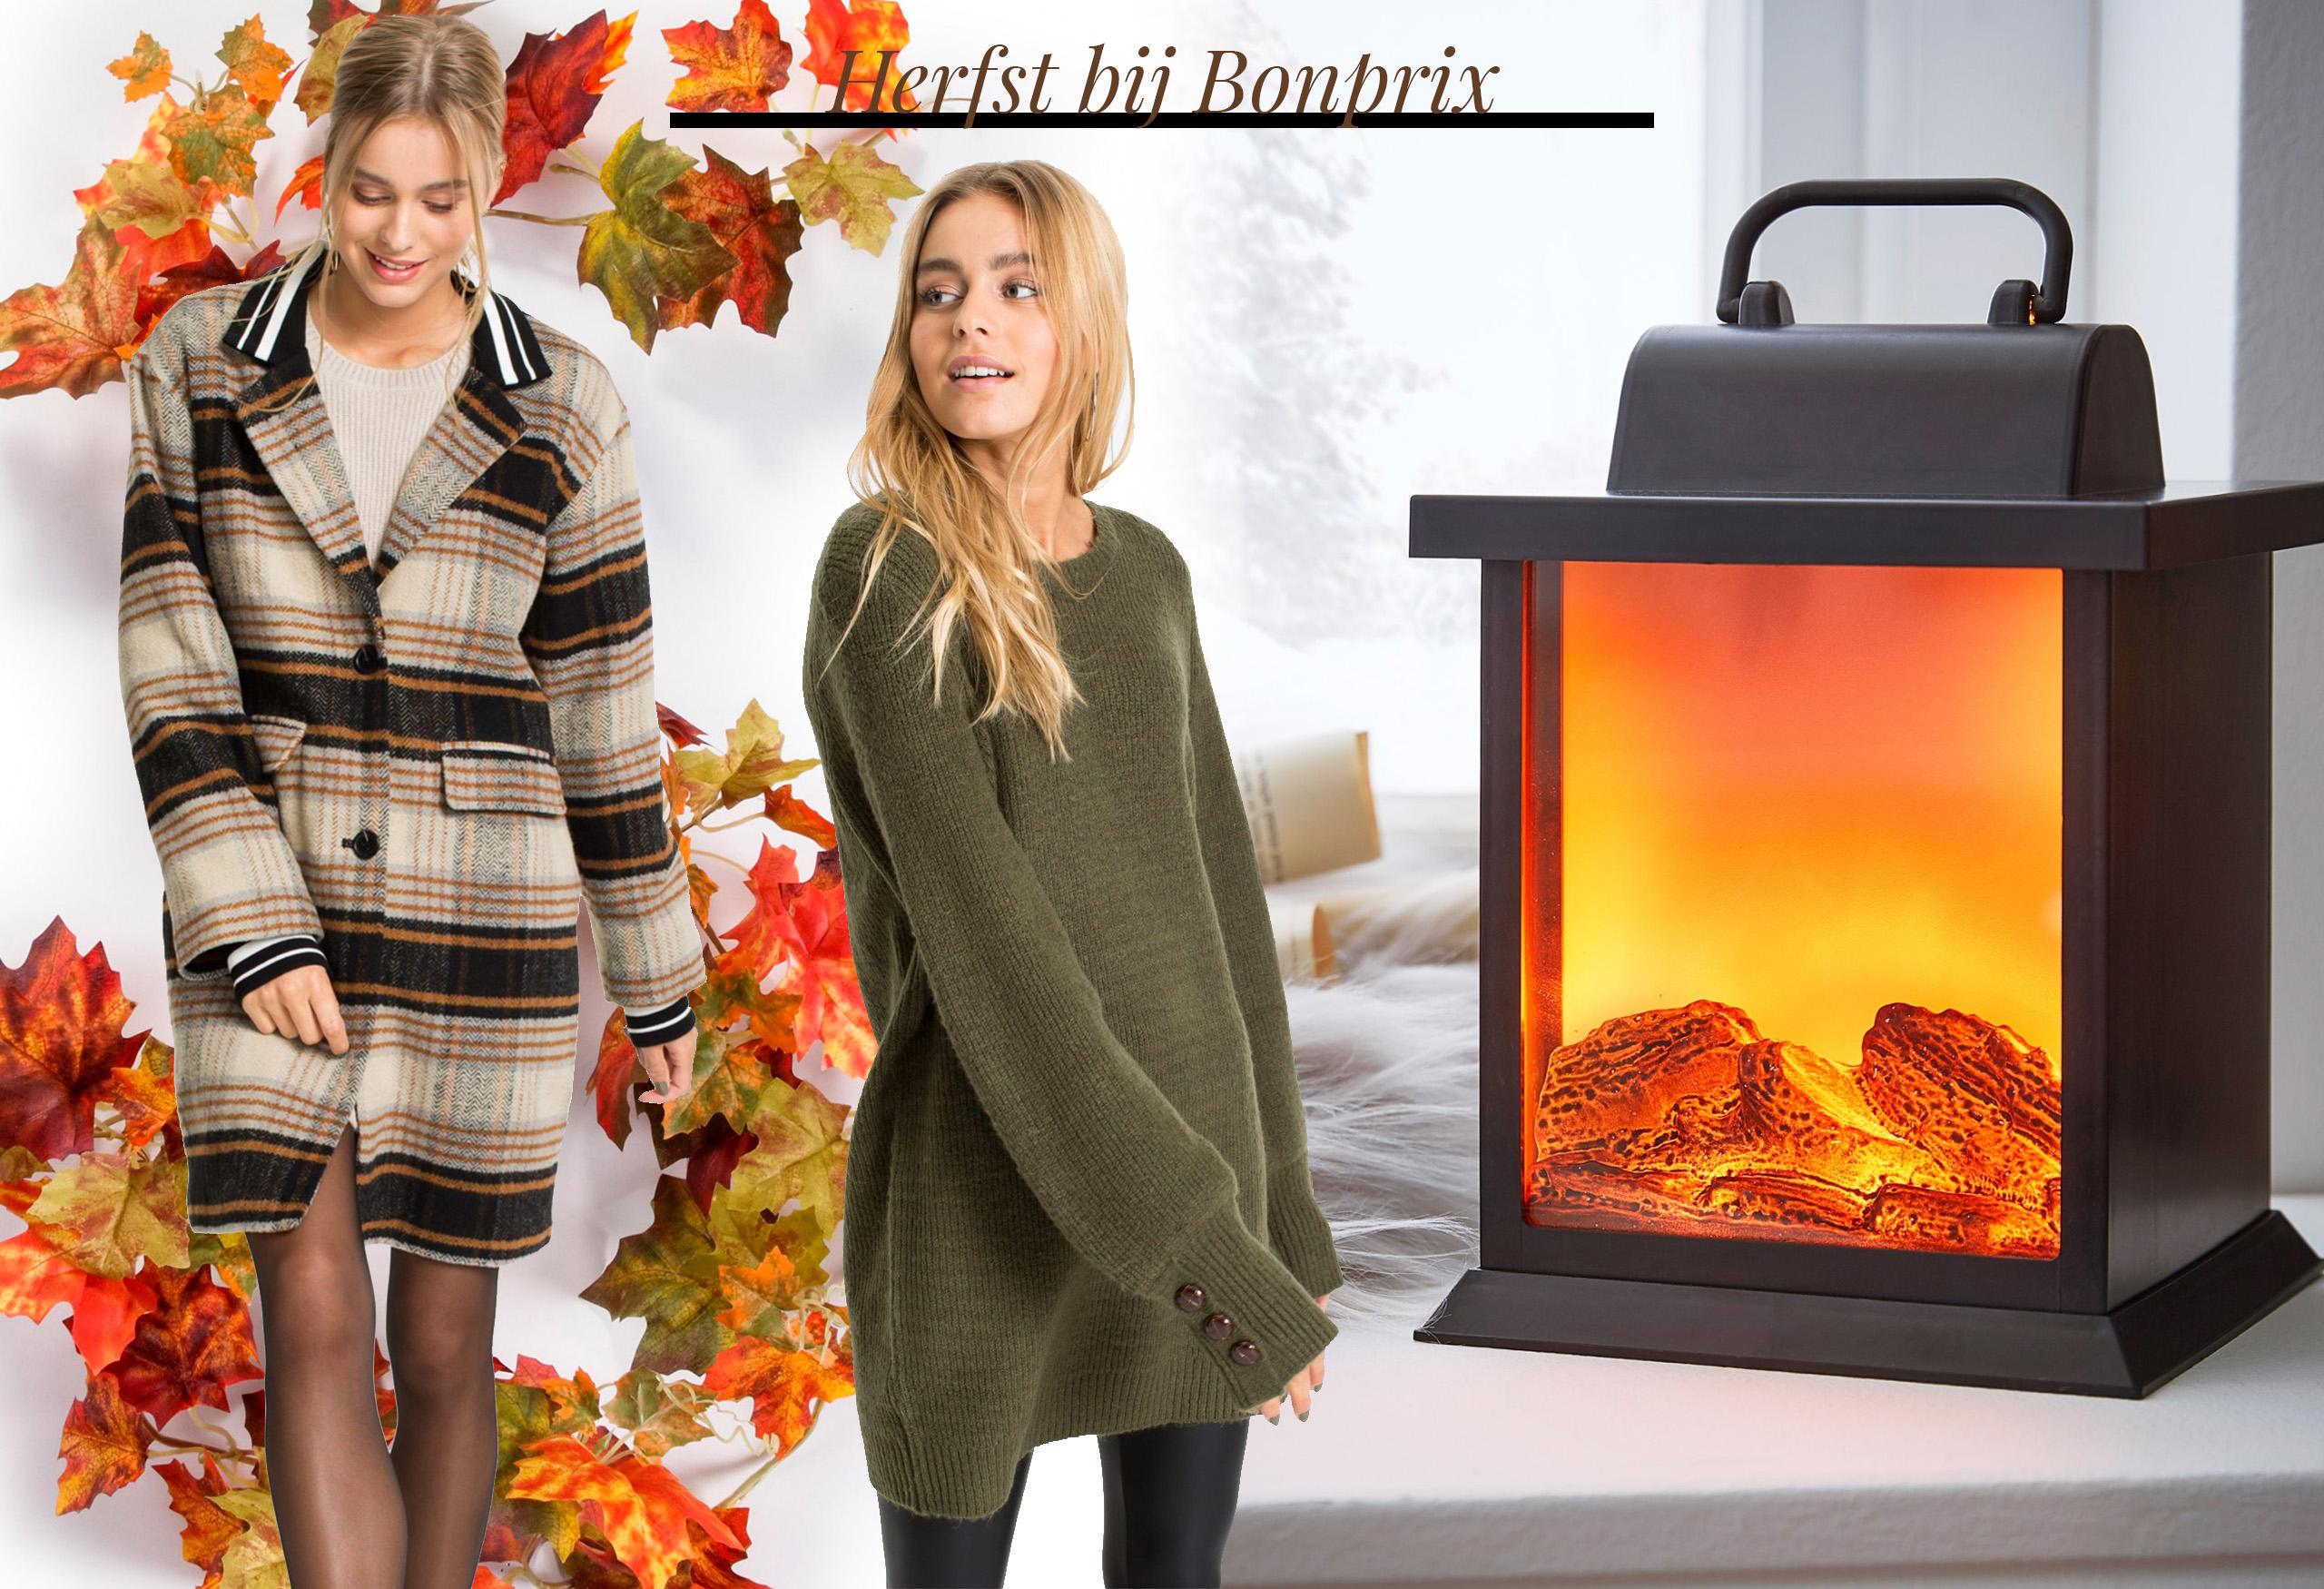 oktoberdots herfst bij bonprix